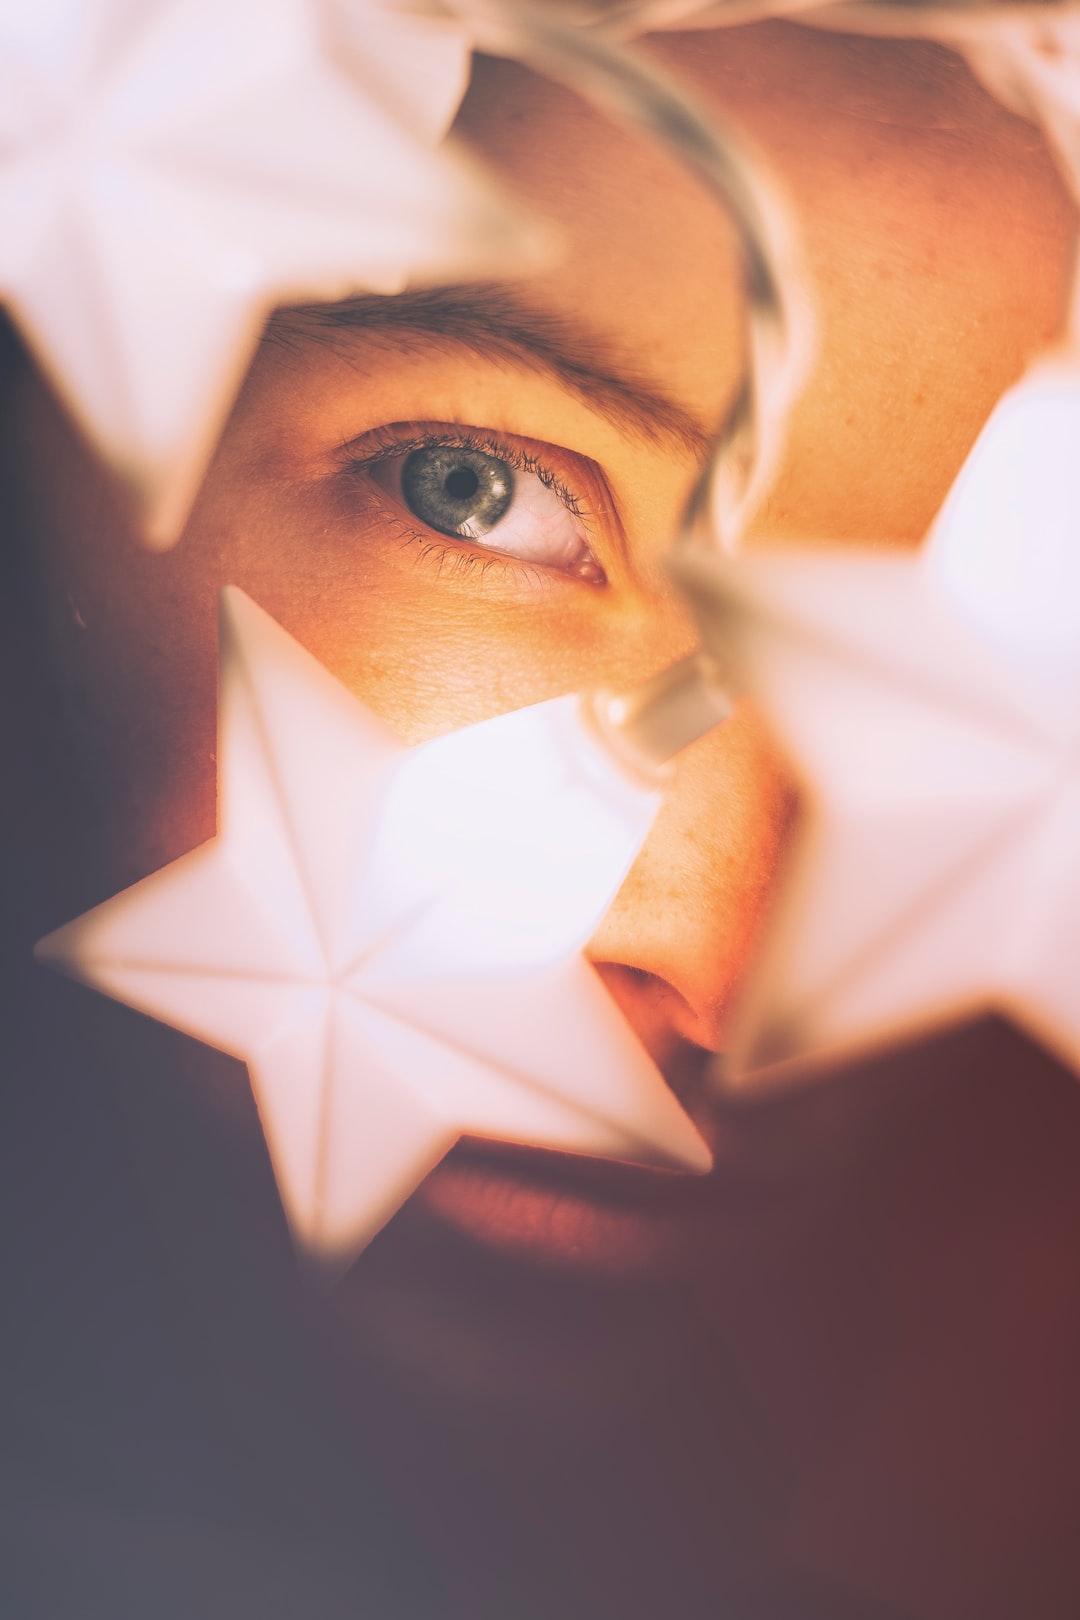 Stars in me